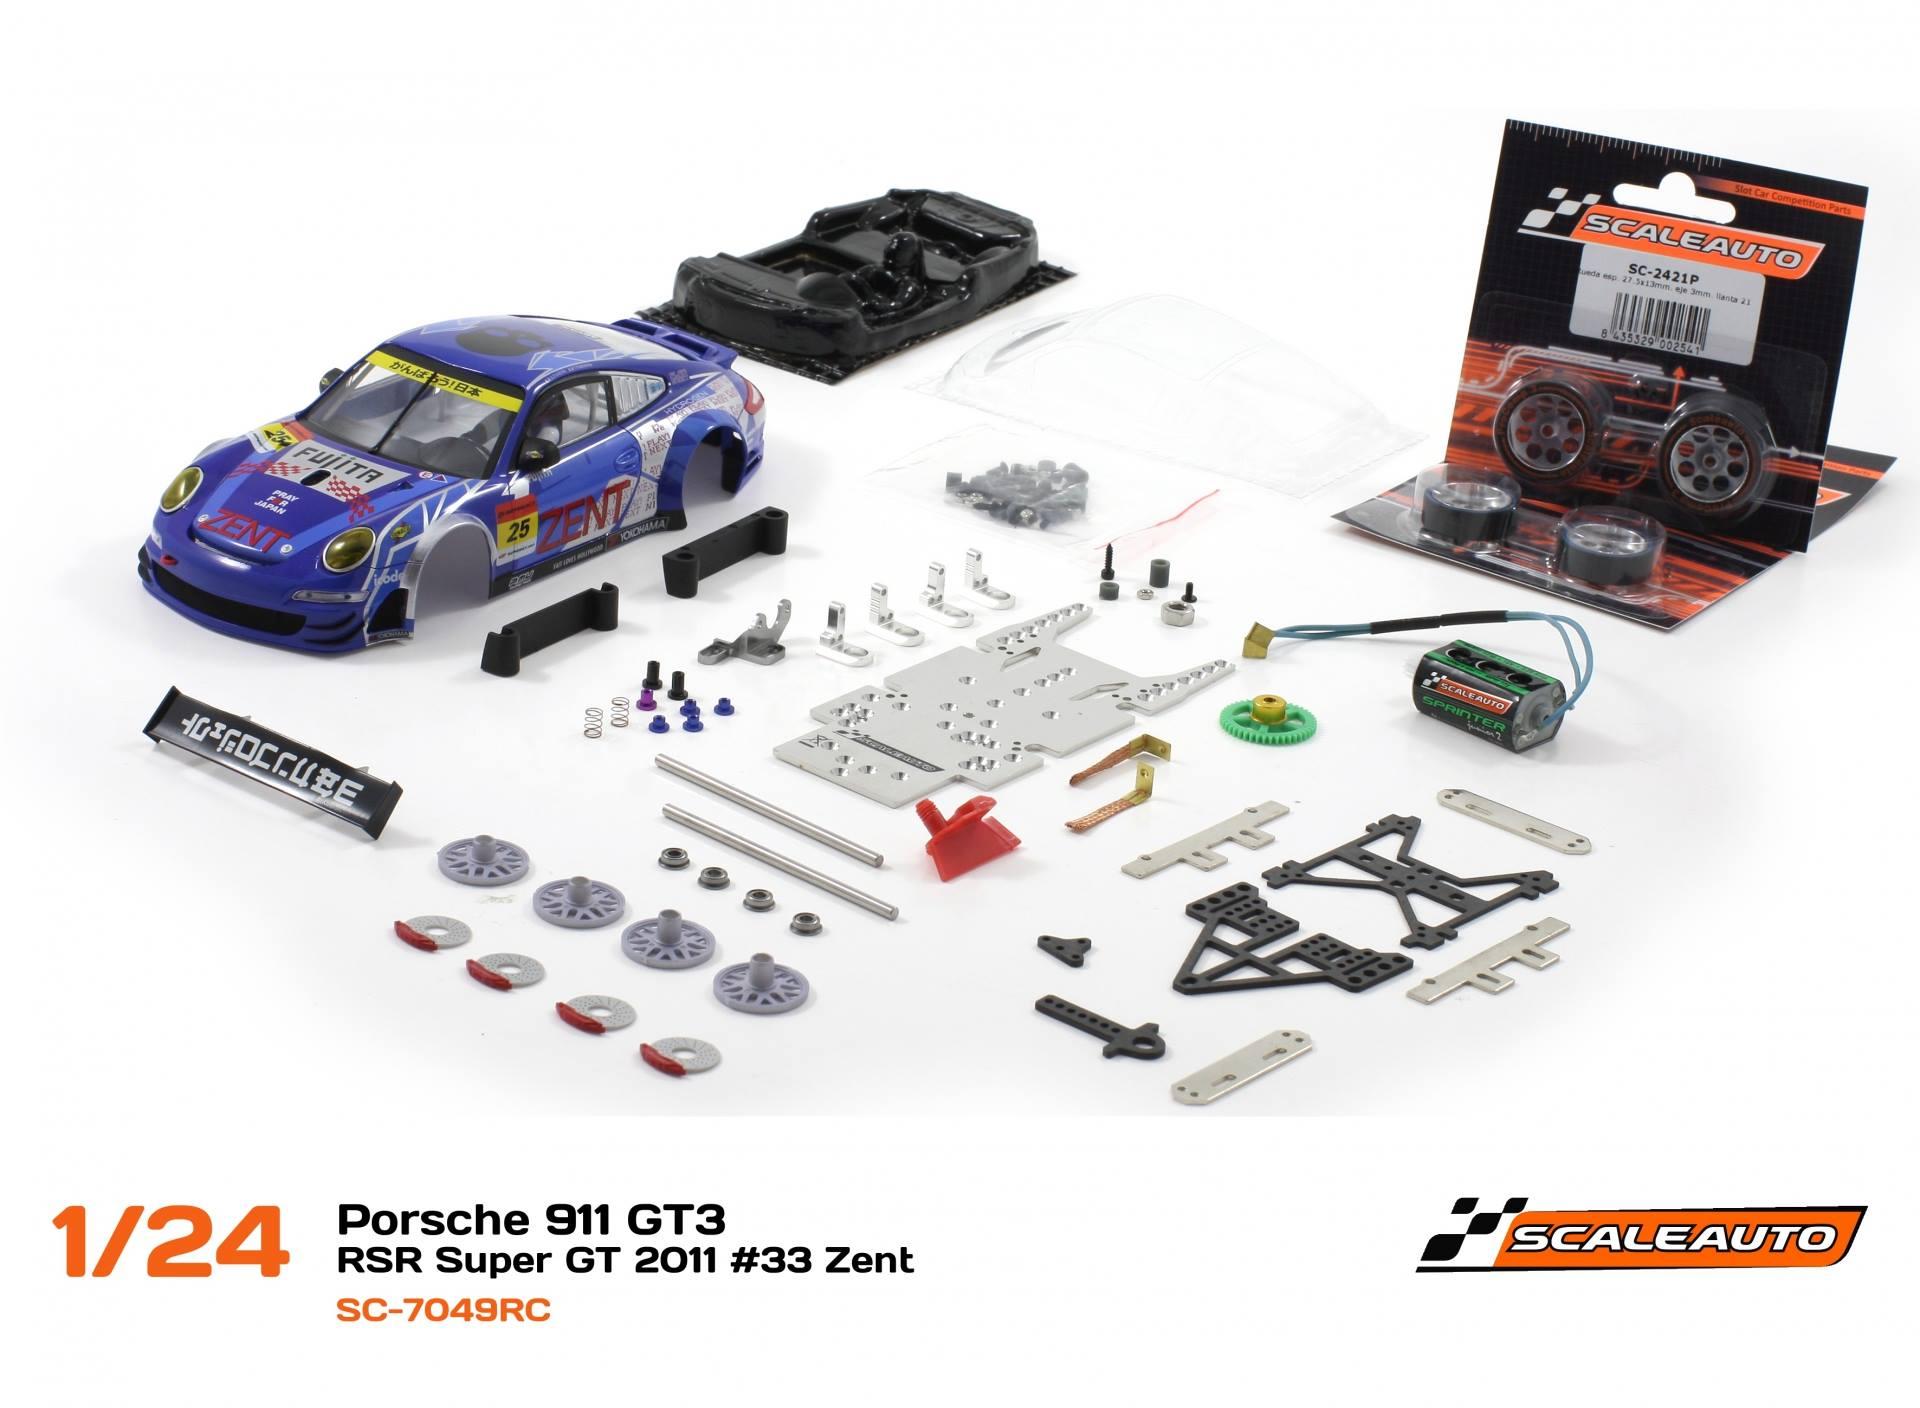 Porsche 911 GT3 – RSR Super GT 2011 Zent #33 – SC-7049RC